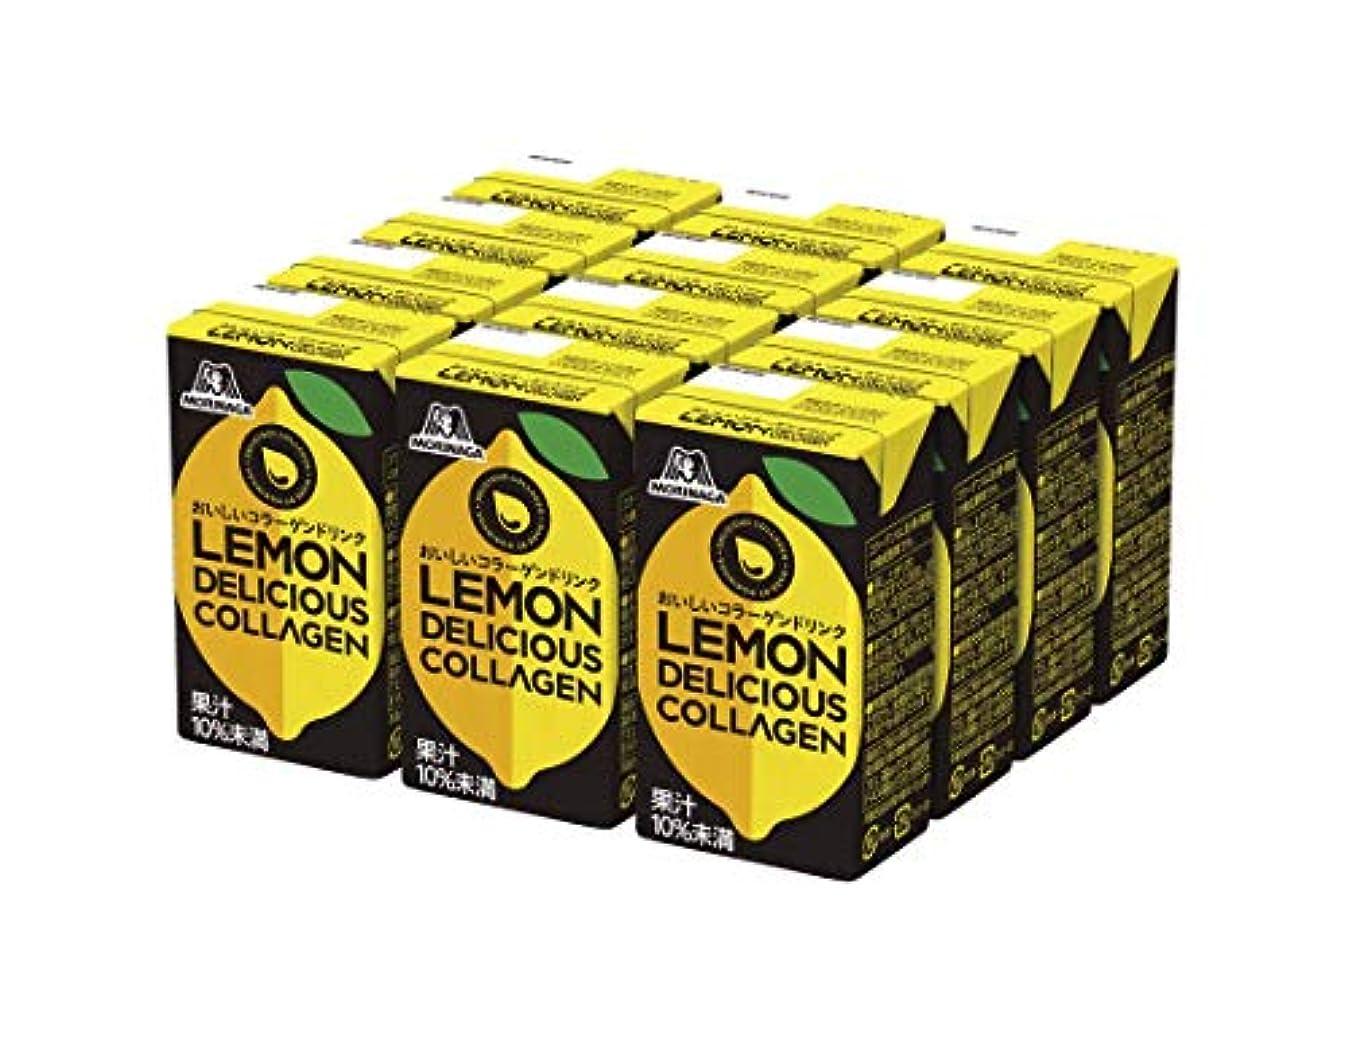 倍増対応注釈おいしいコラーゲンドリンク レモン メンズ 12本 コラーゲン10,000mg レモン